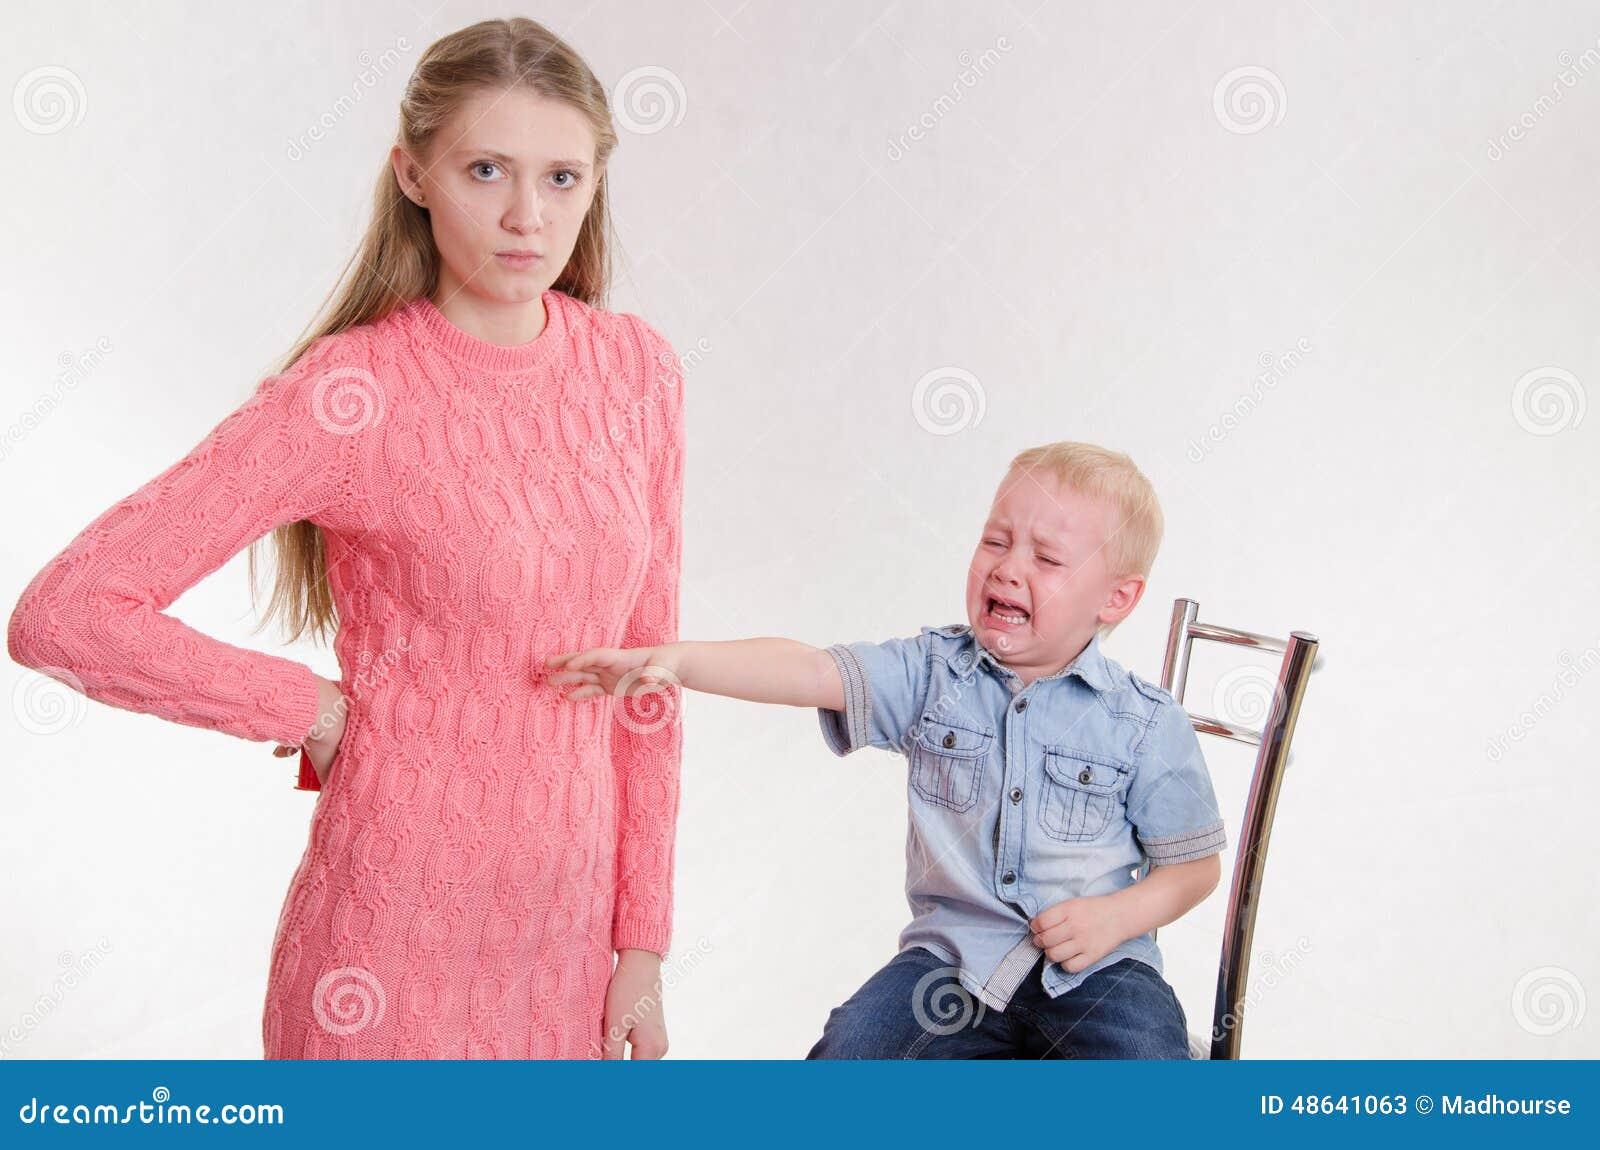 Фото мама наказывает сына 18 фотография